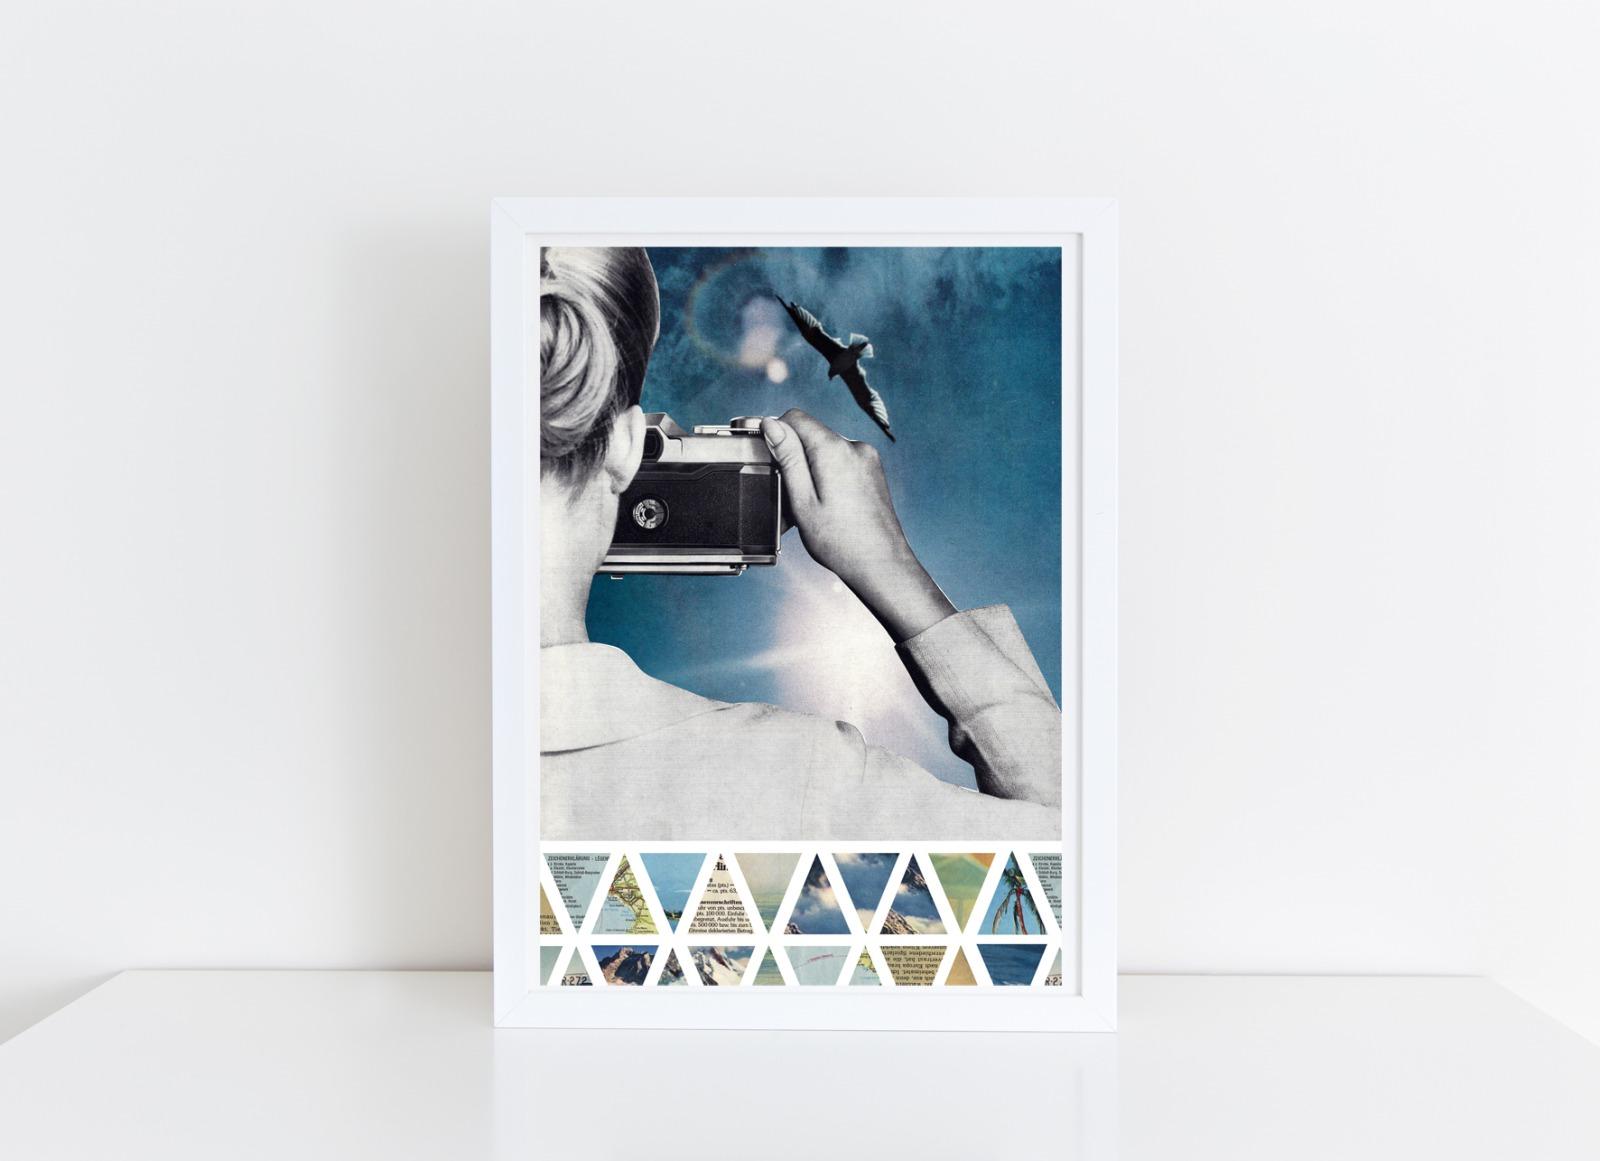 Gegenlicht Collage Poster Kunstdruck A4